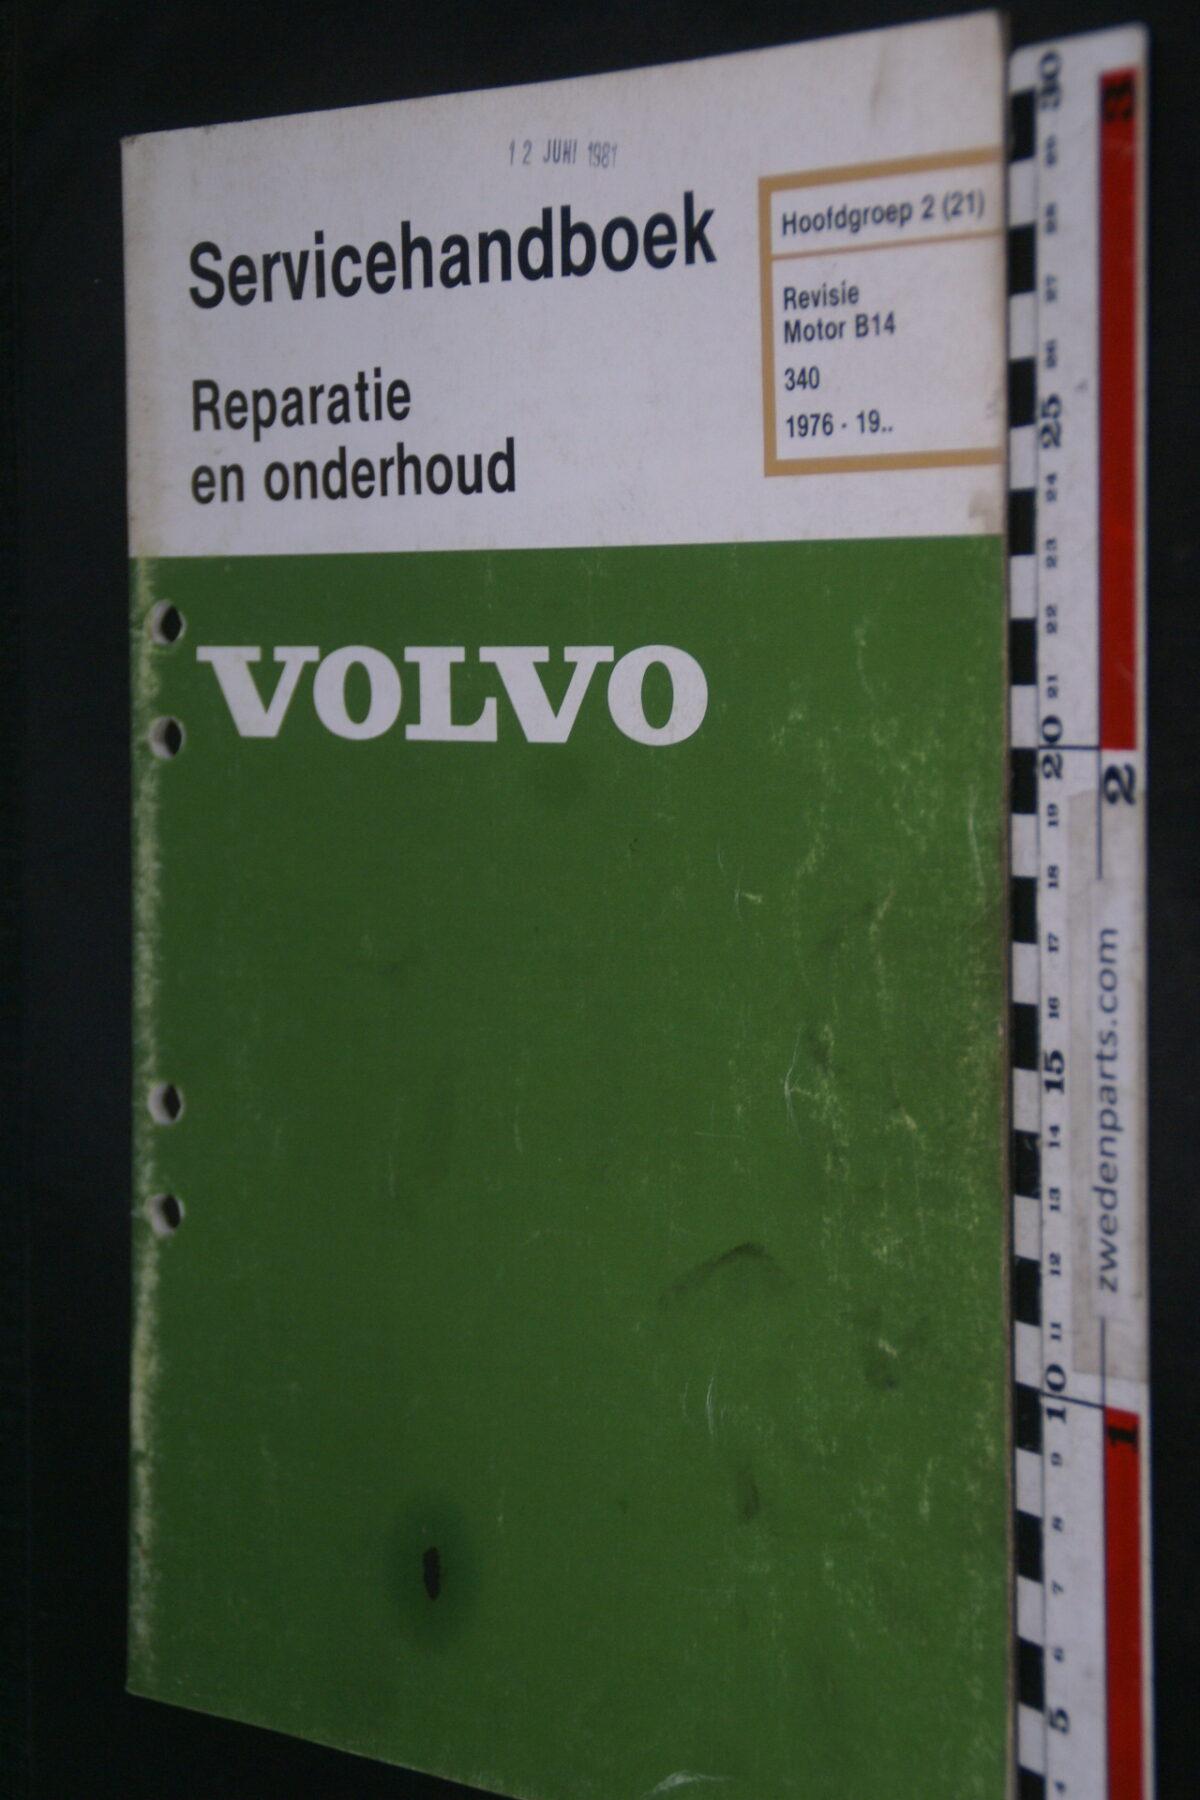 DSC09028 1981 origineel  Volvo 340 servicehandboek motor B14 (21)  1 van 1.000 nr TP 36067-1